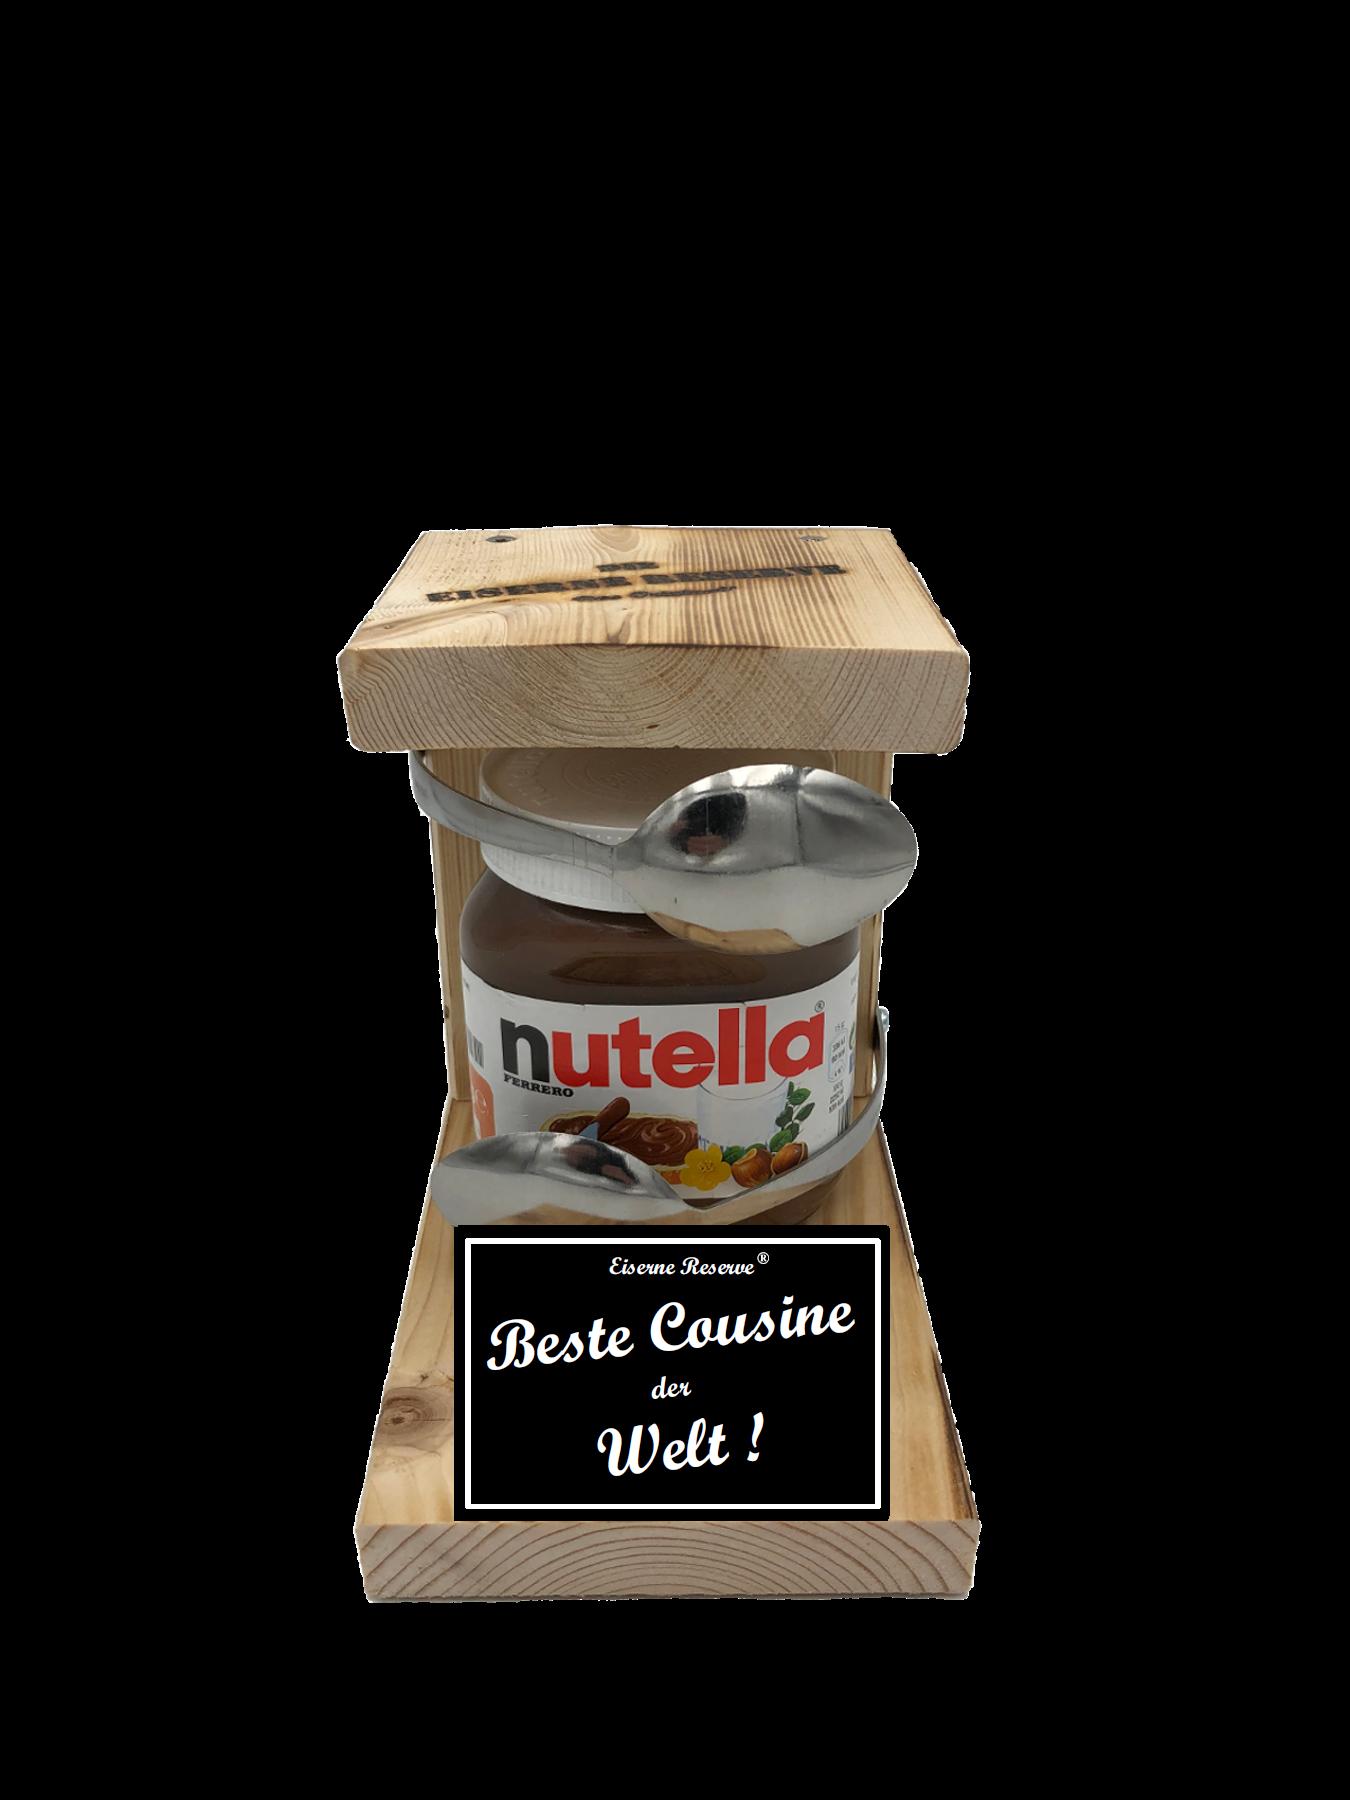 Beste Cousine der Welt Löffel Nutella Geschenk - Die Nutella Geschenkidee